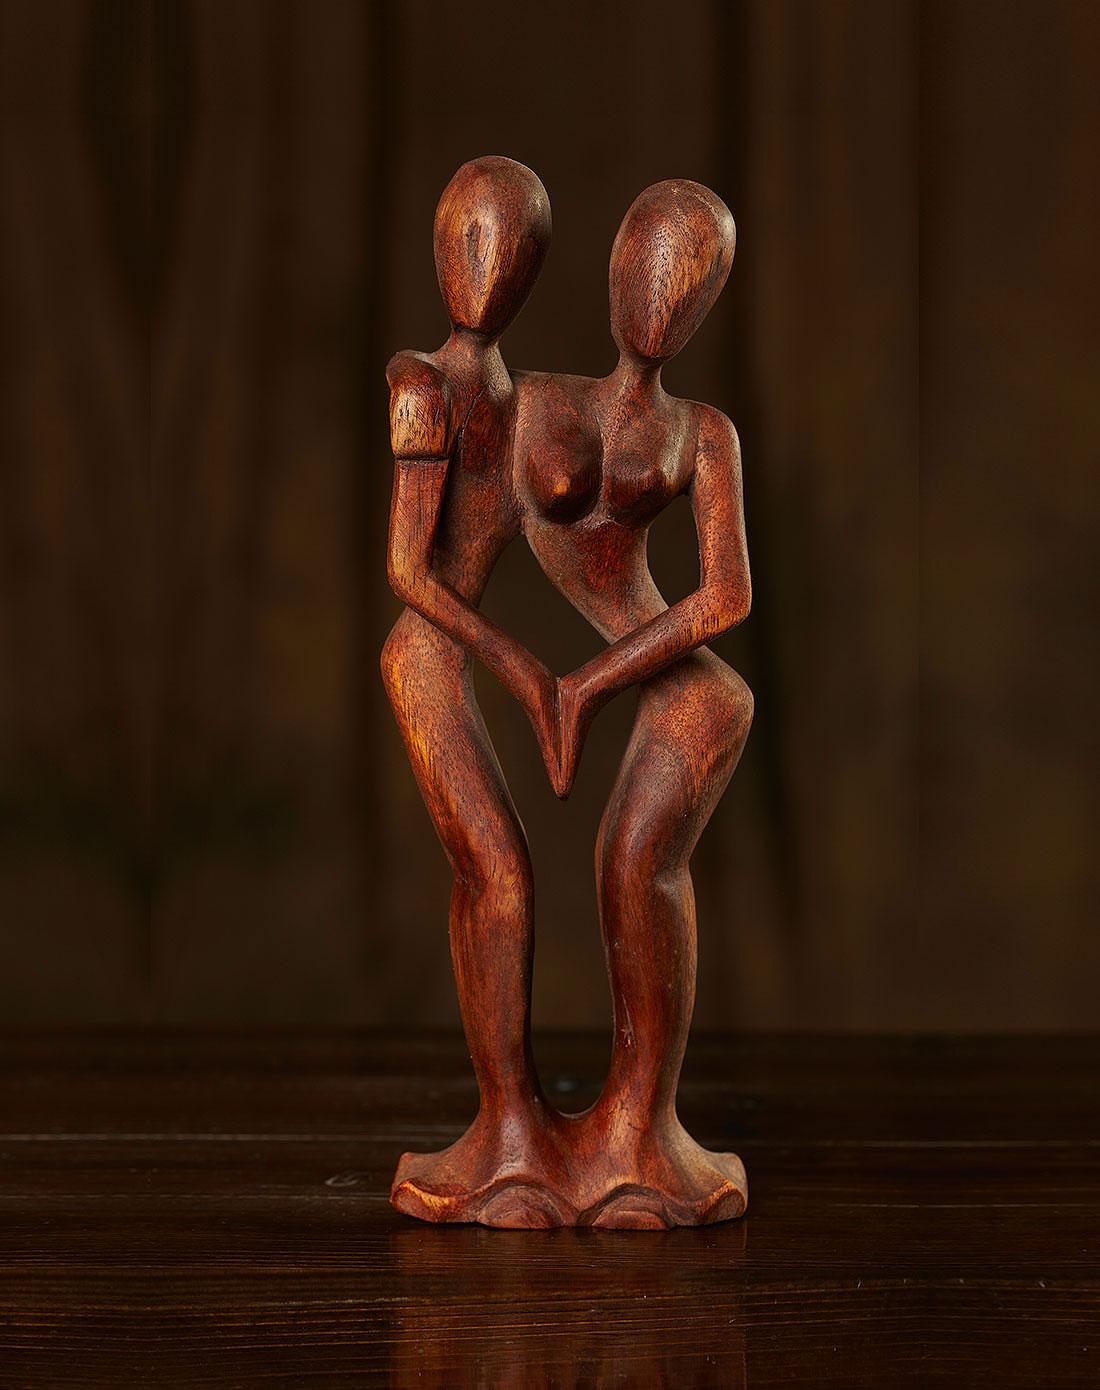 【印尼.巴厘岛】双人舞.手工木雕